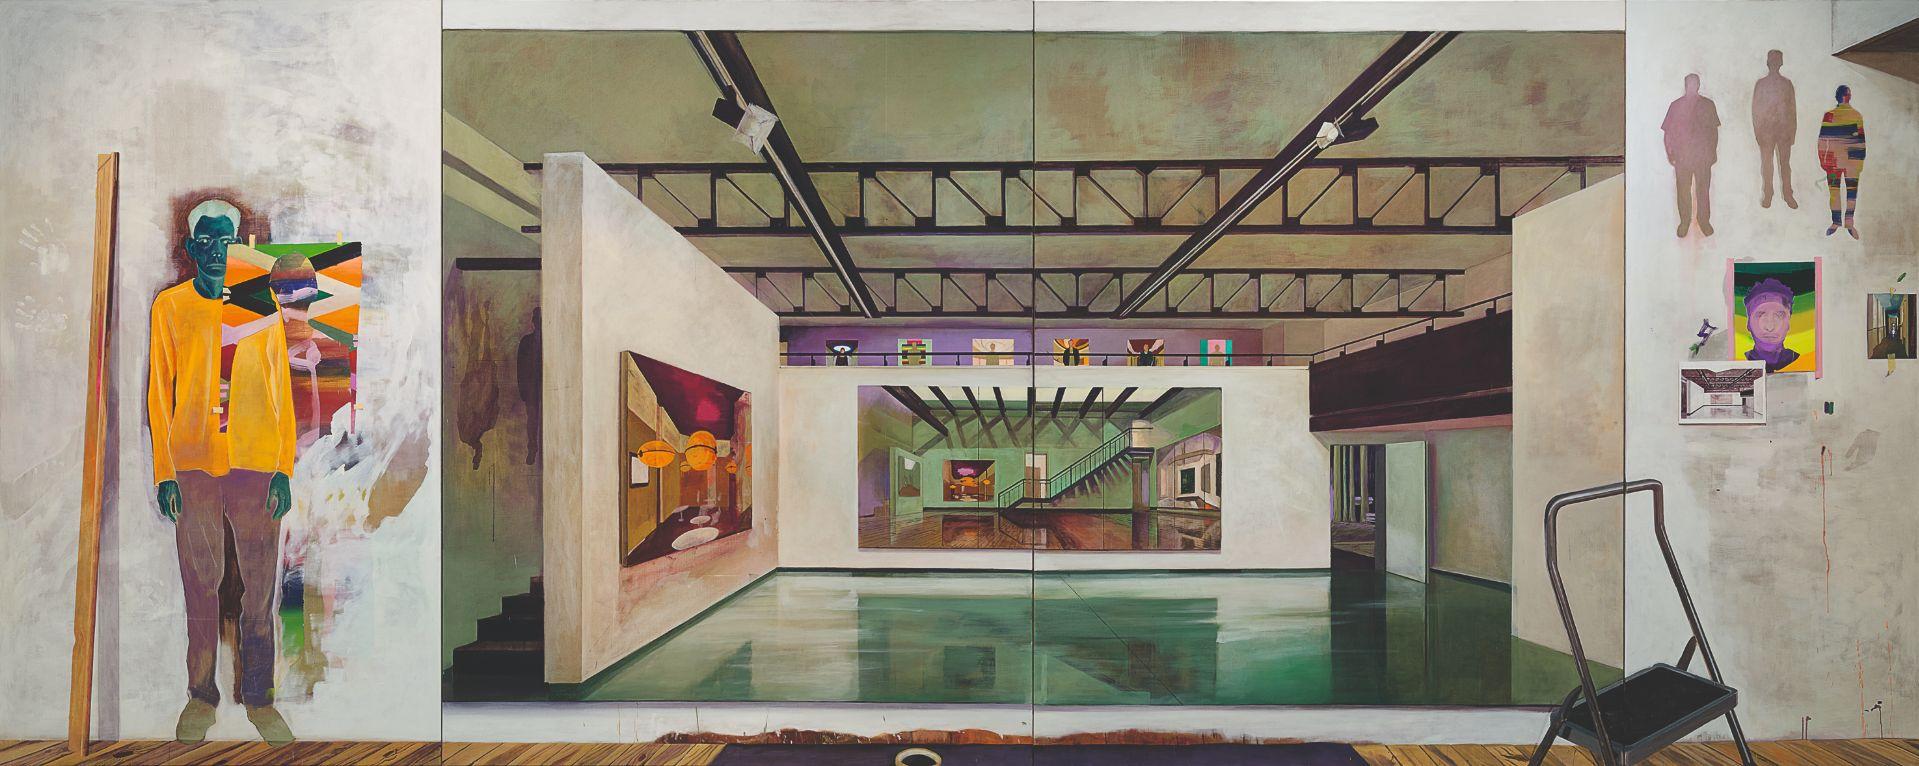 Martin Kasper, Sur les Murs, 260 x 650 cm